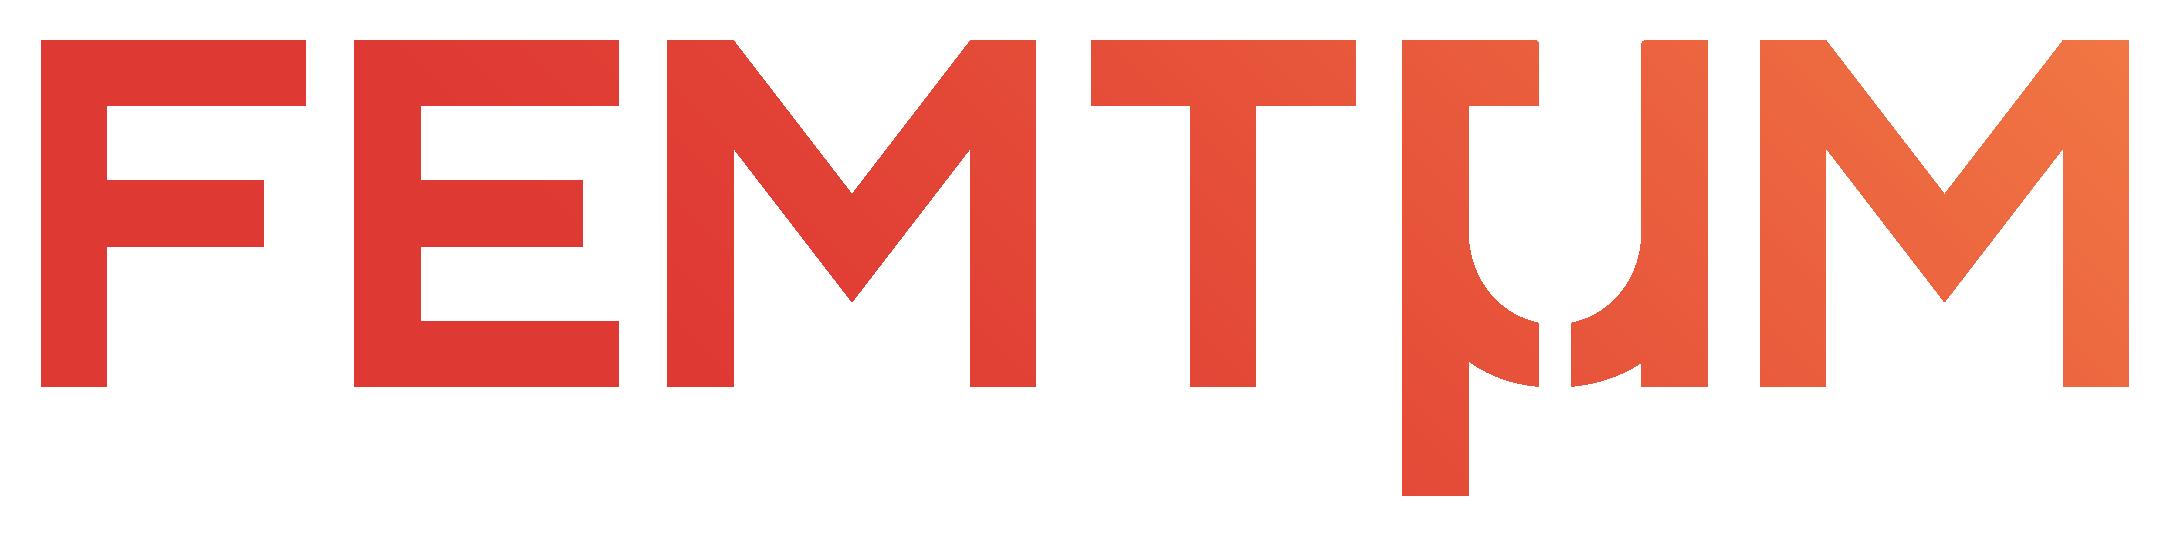 Femtum logo